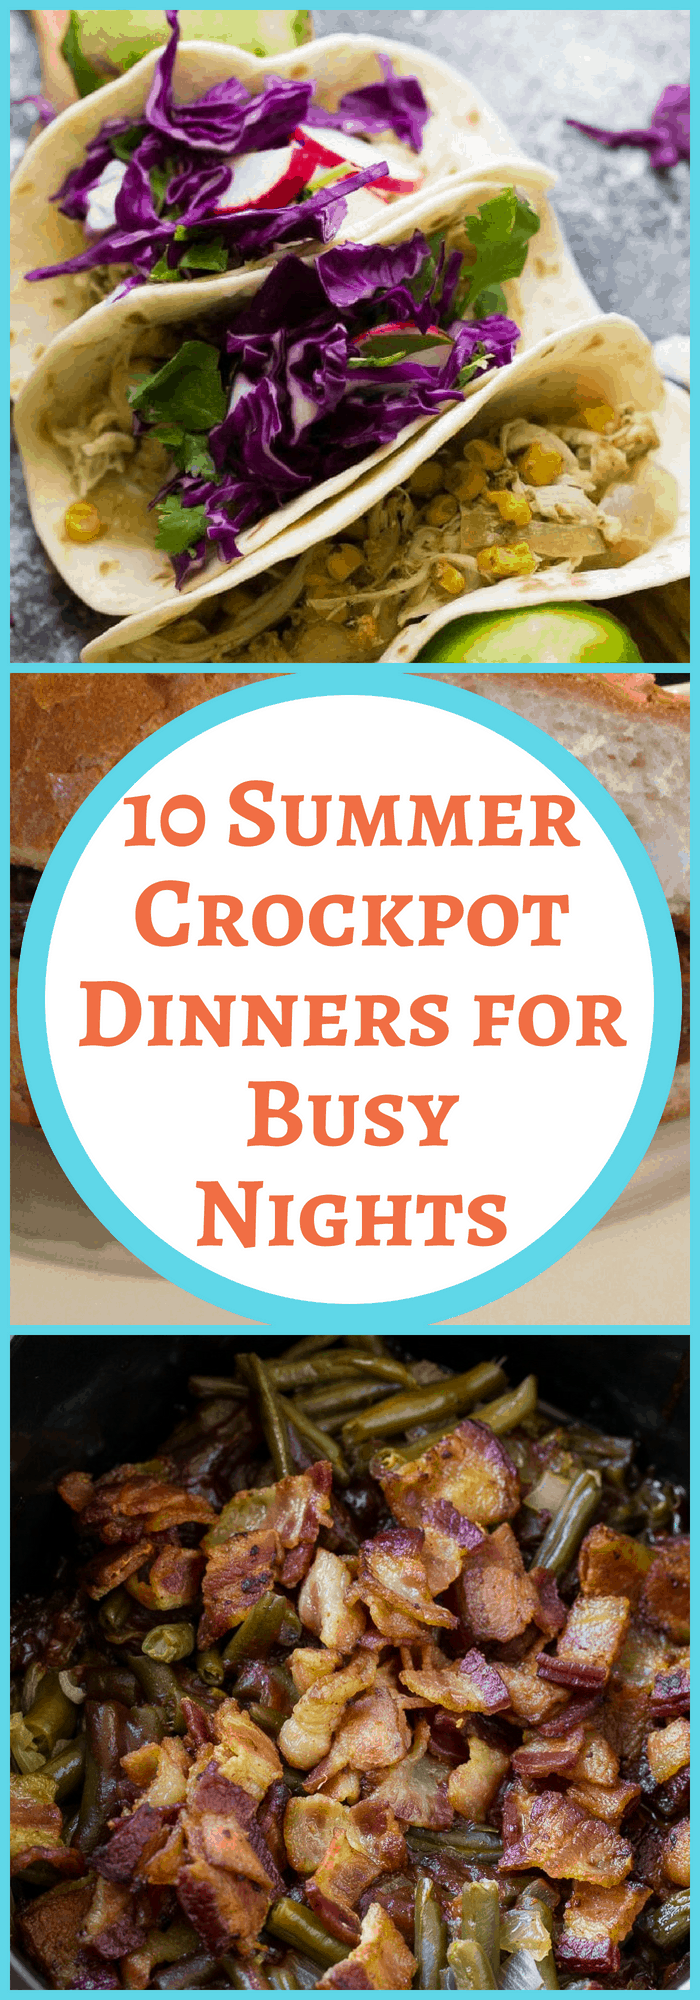 summer crockpot dinners